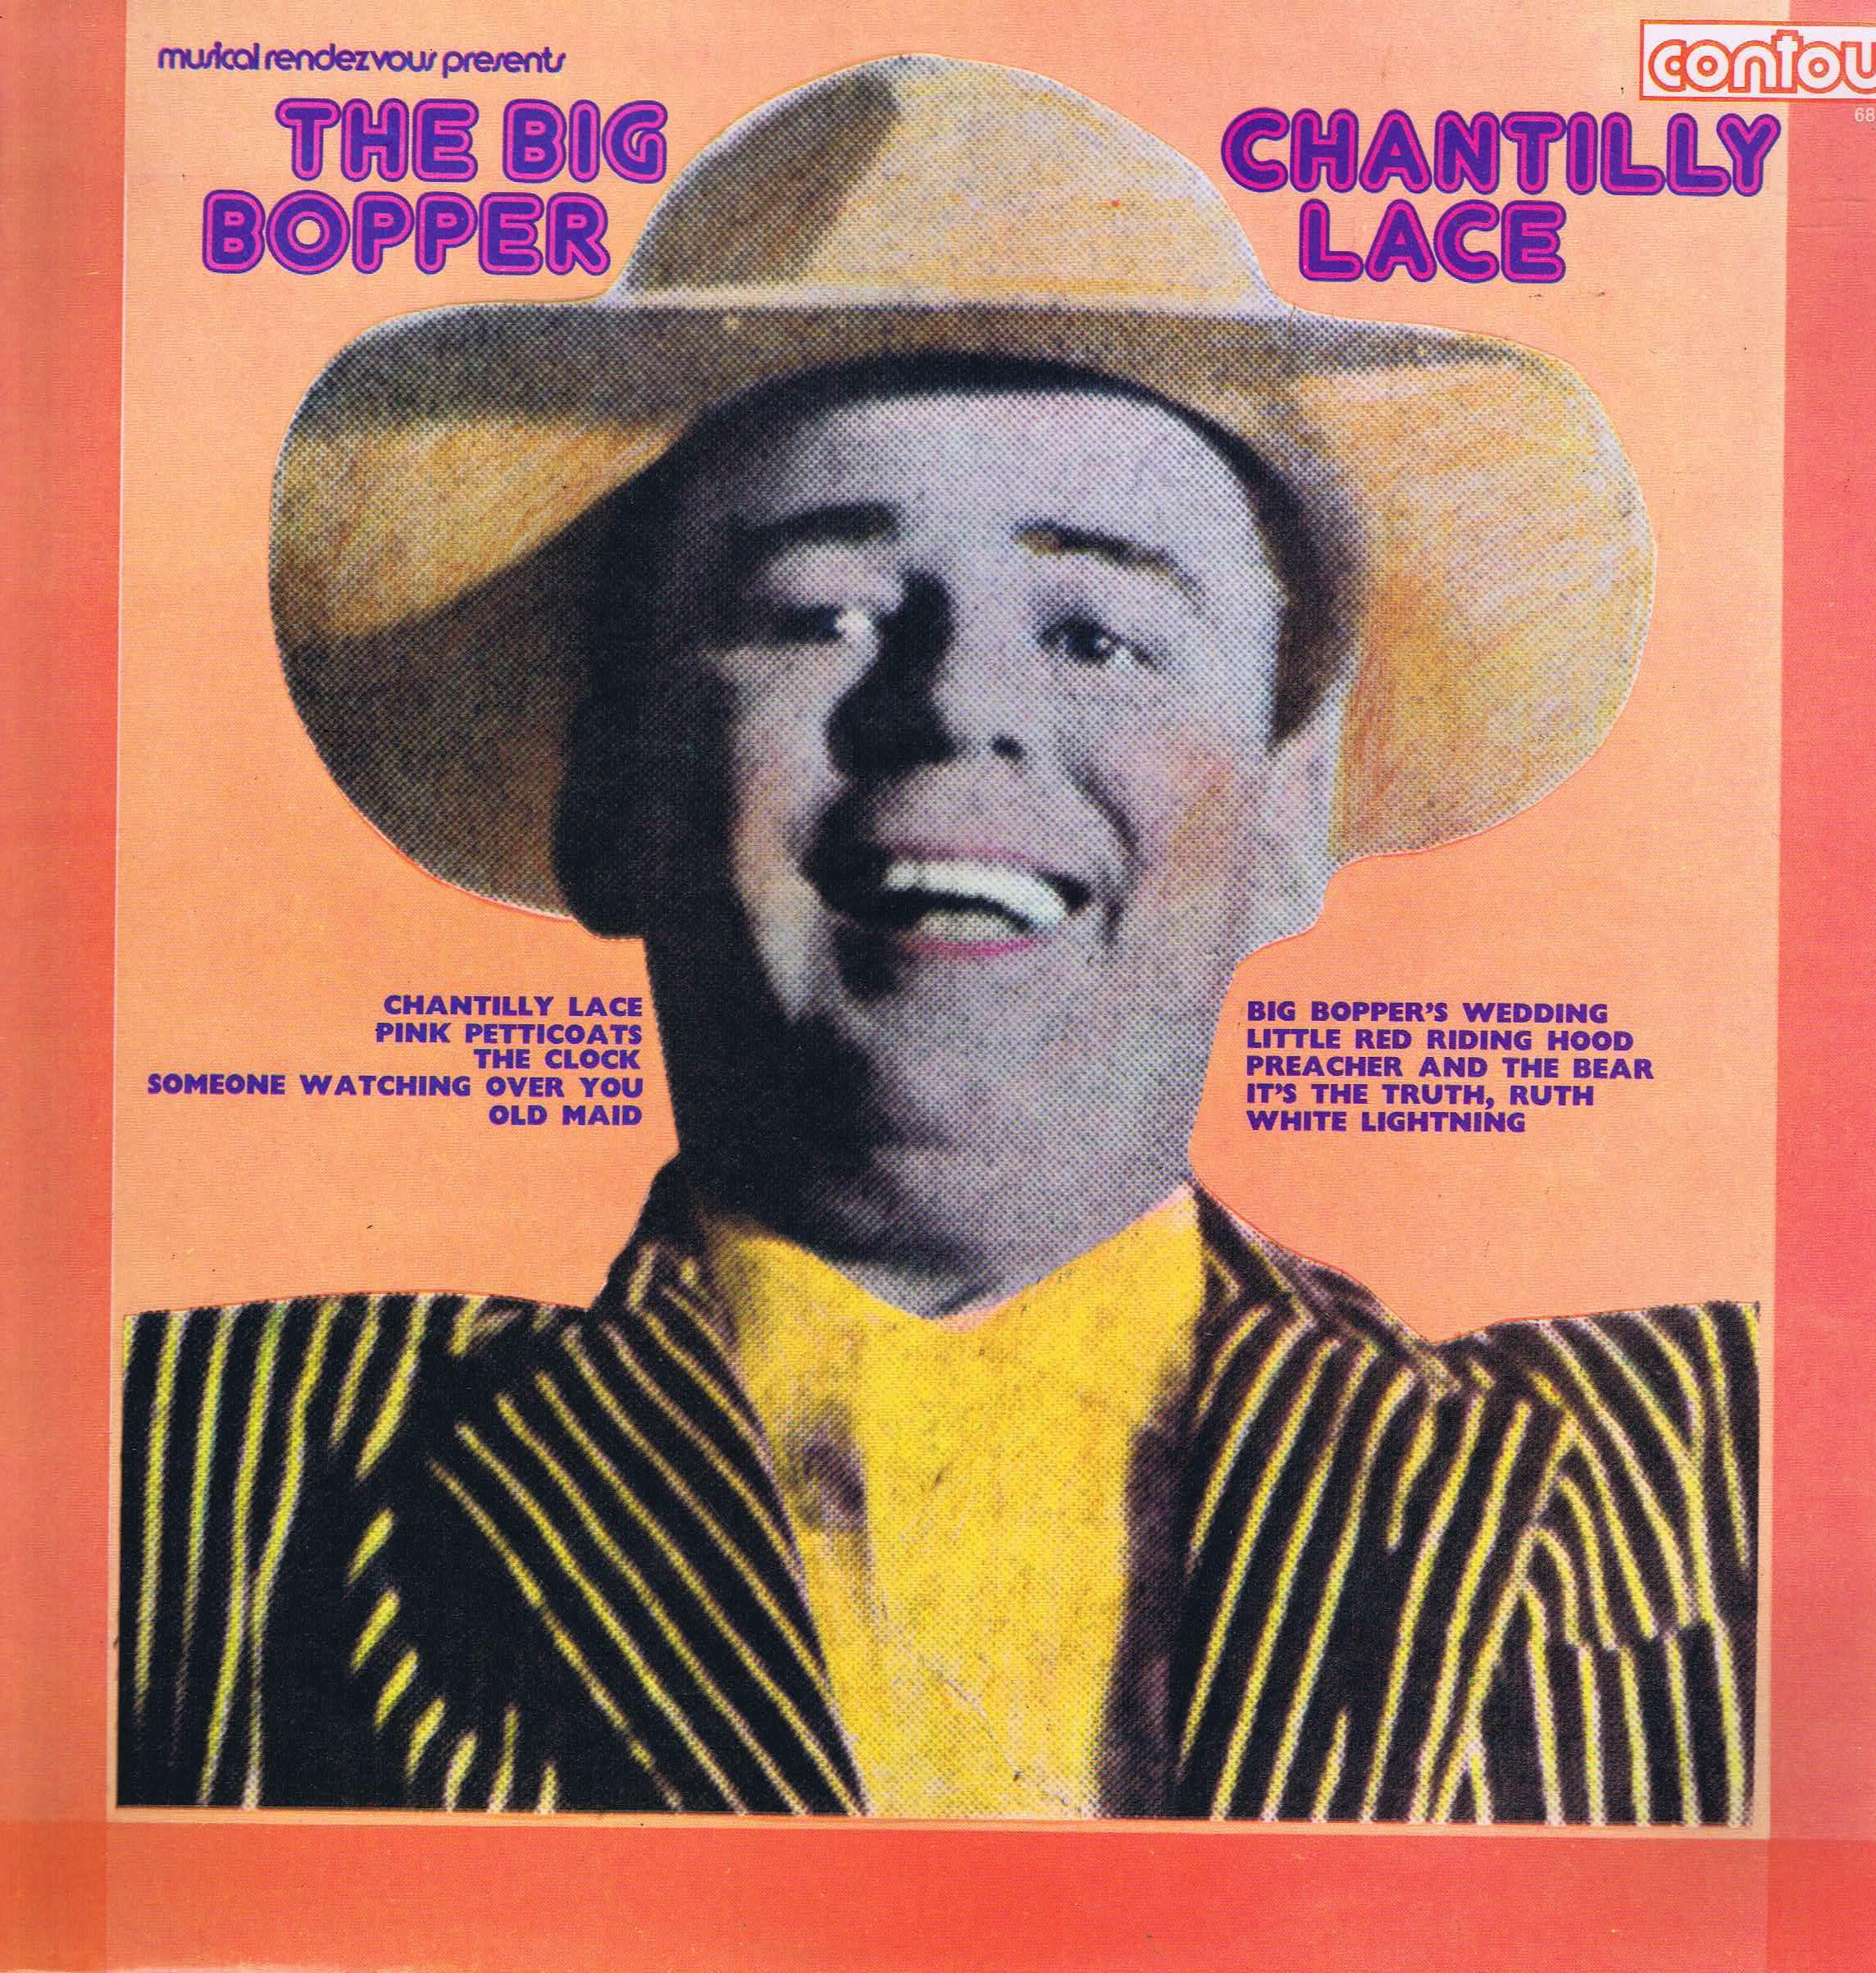 The Big Bopper Chantilly Lace Contour 6870531 Lp